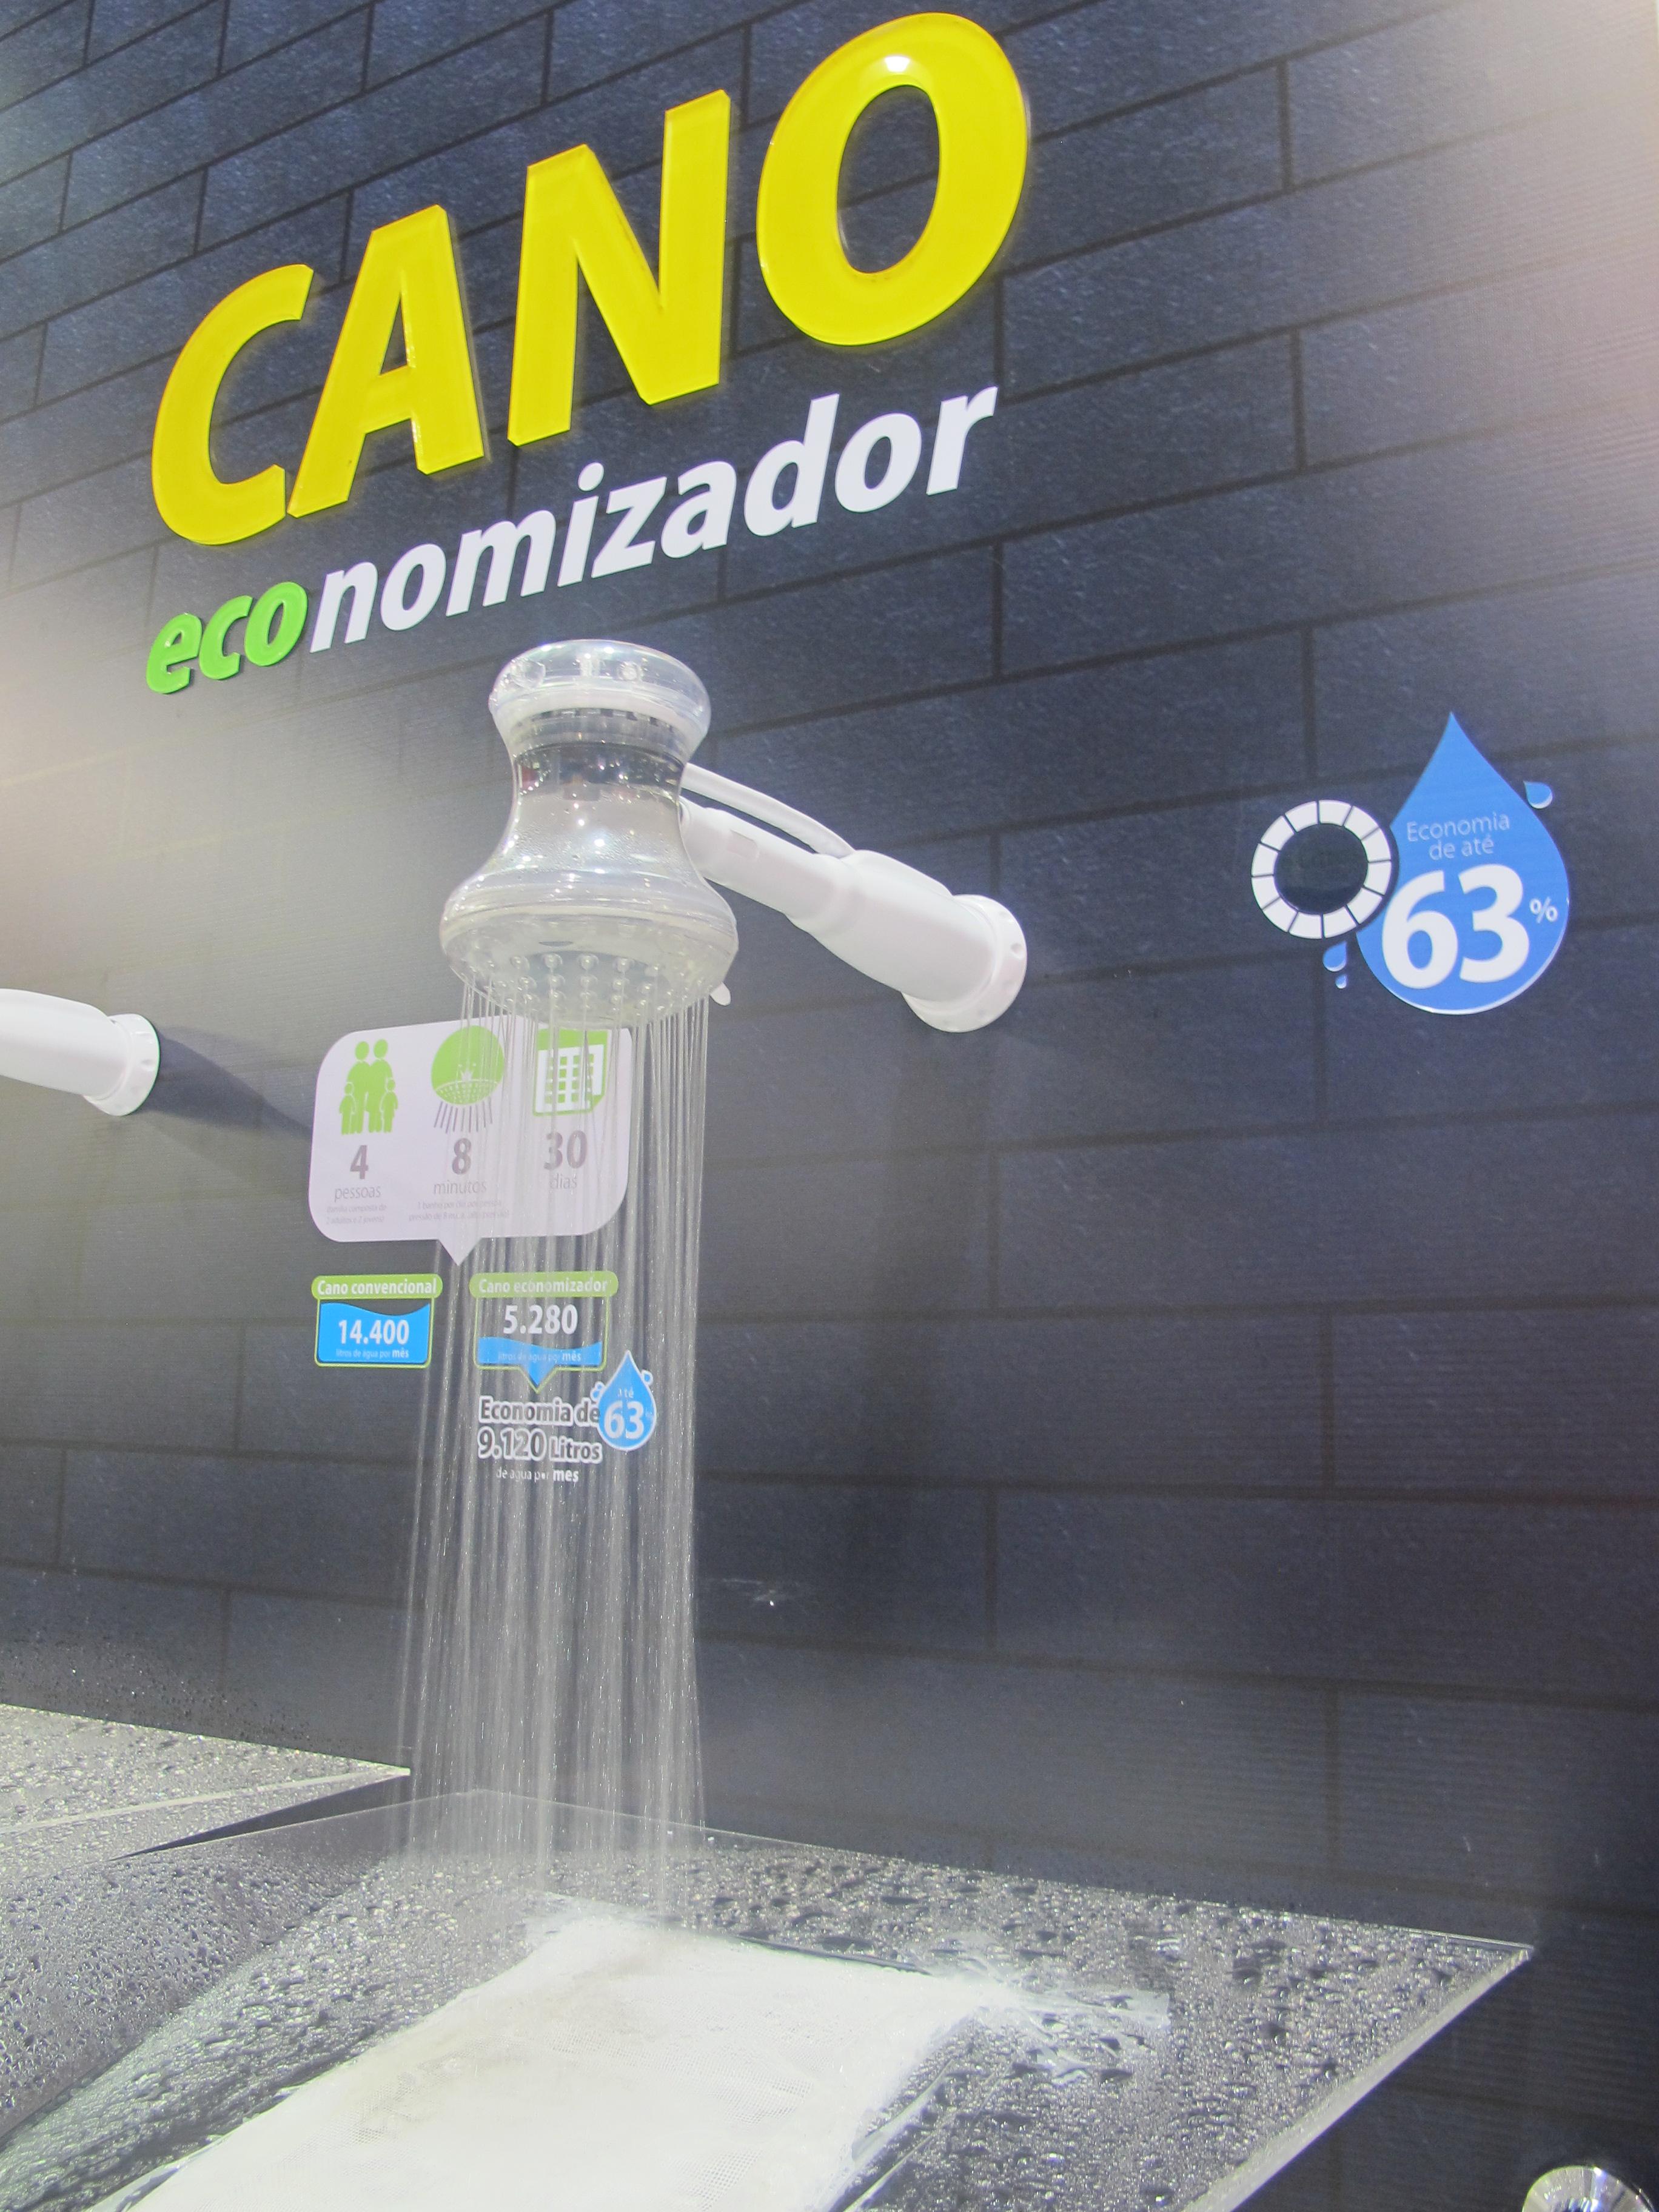 feicon-crise-hidrica-impulsiona-lancamentos-e-seca-show-da-lorenzetti